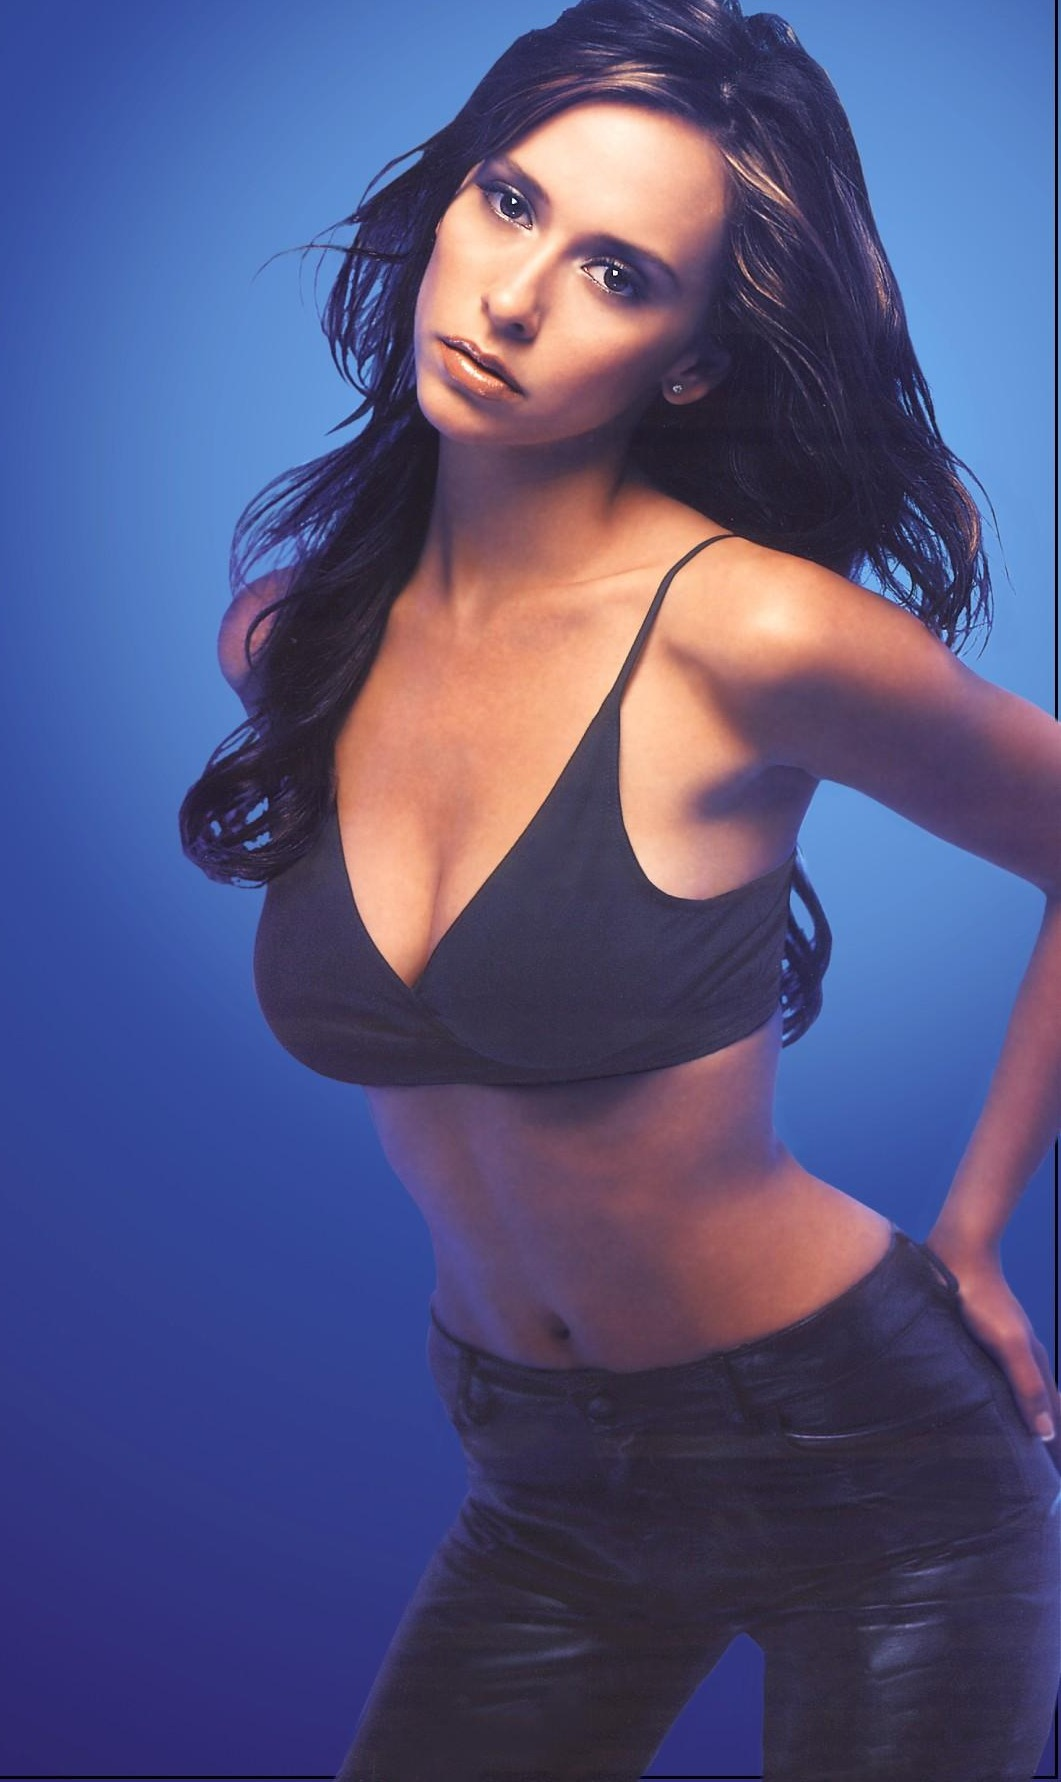 Jennifer love hewitt hot n naked